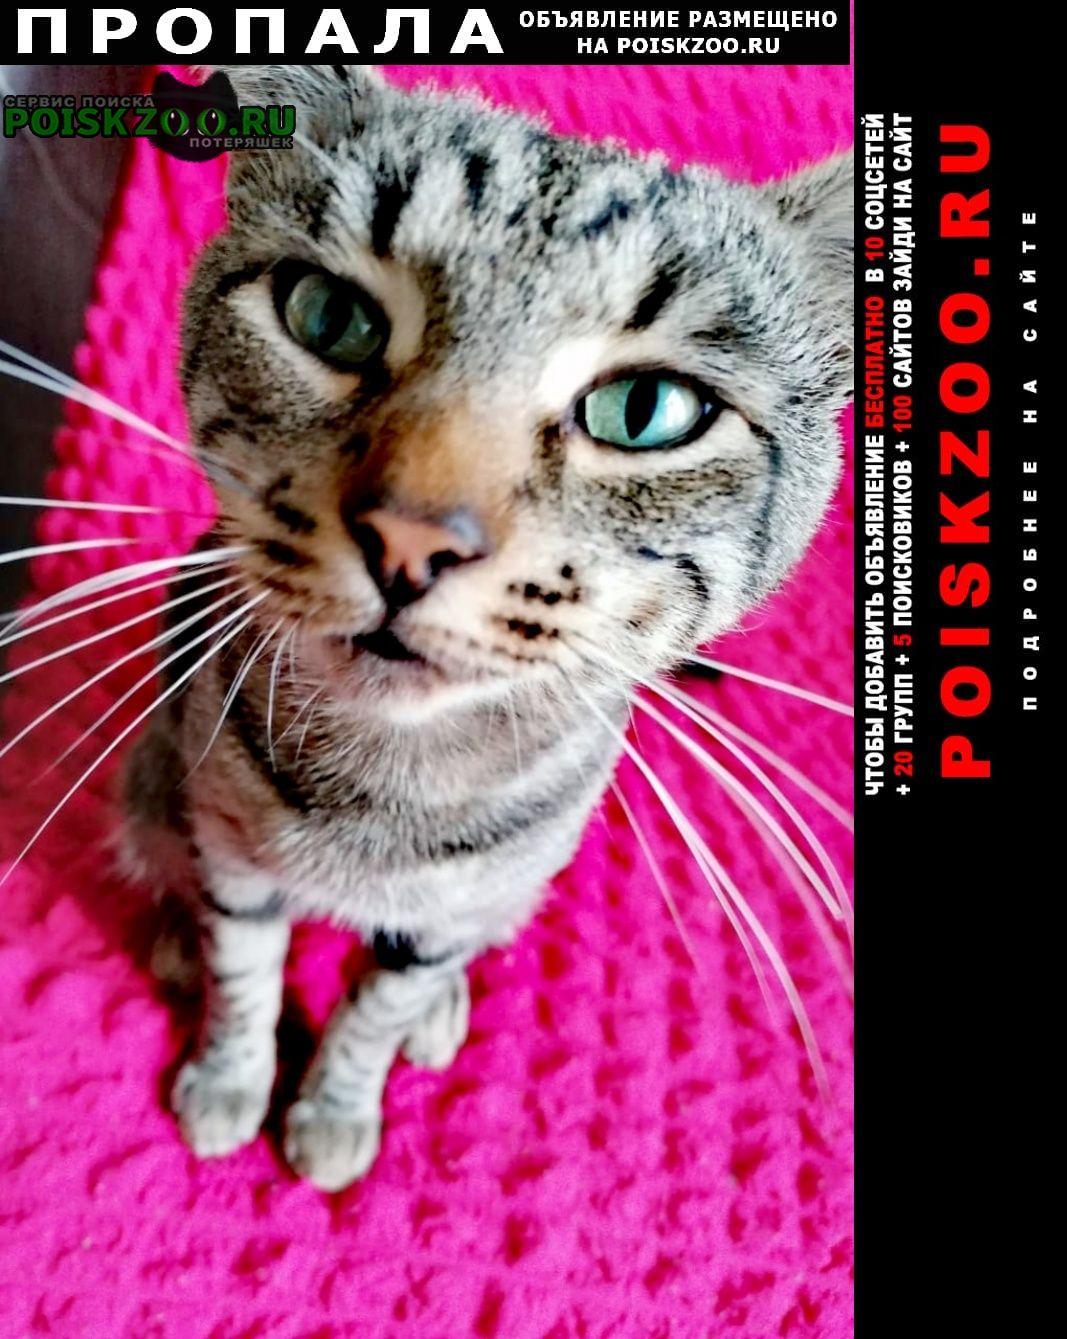 Москва Пропала кошка кот обруч в ростокино в свао